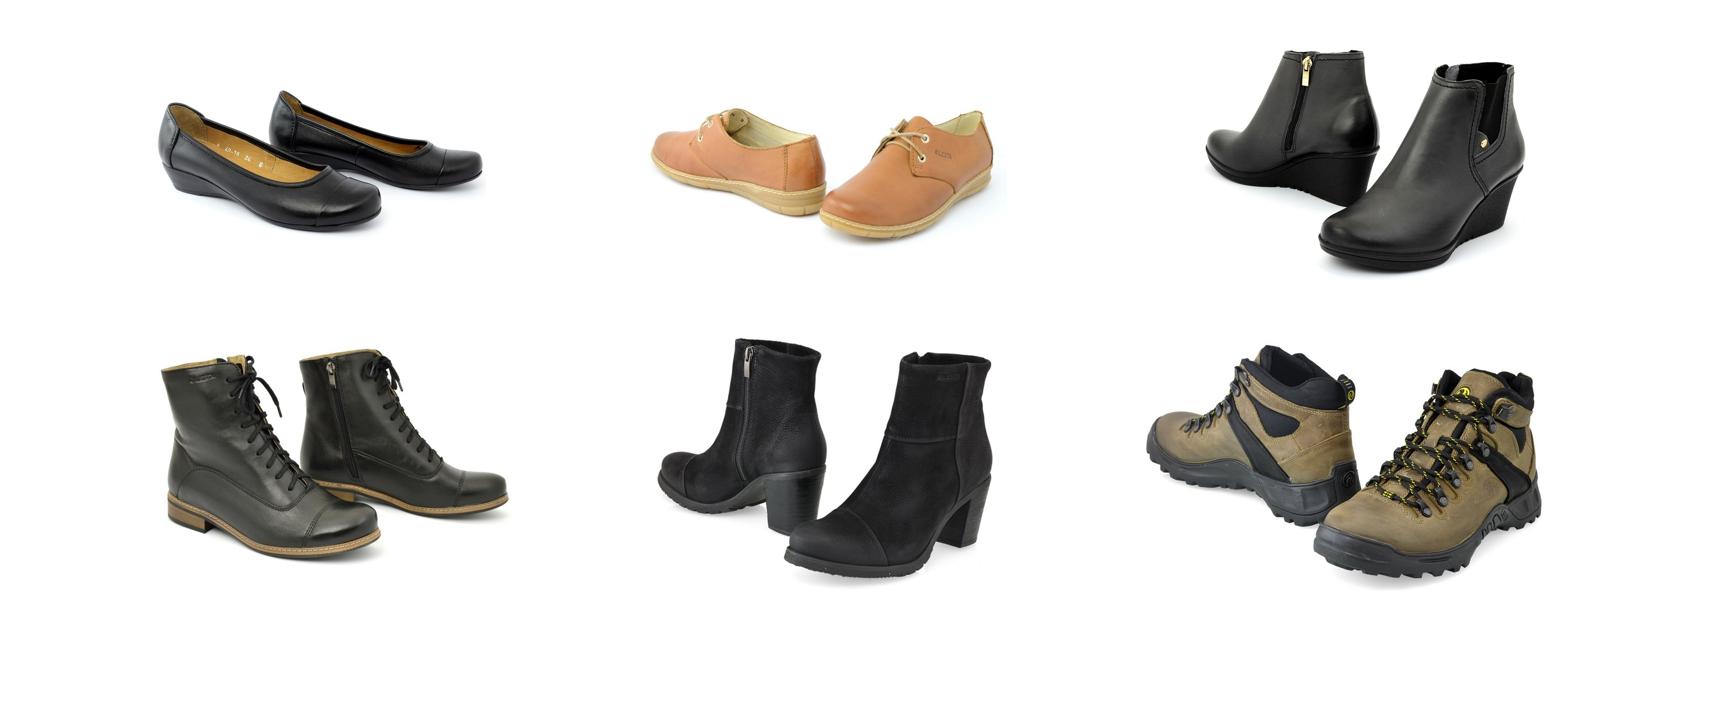 buty na sezon jesienno-zimowy które uwielbiam